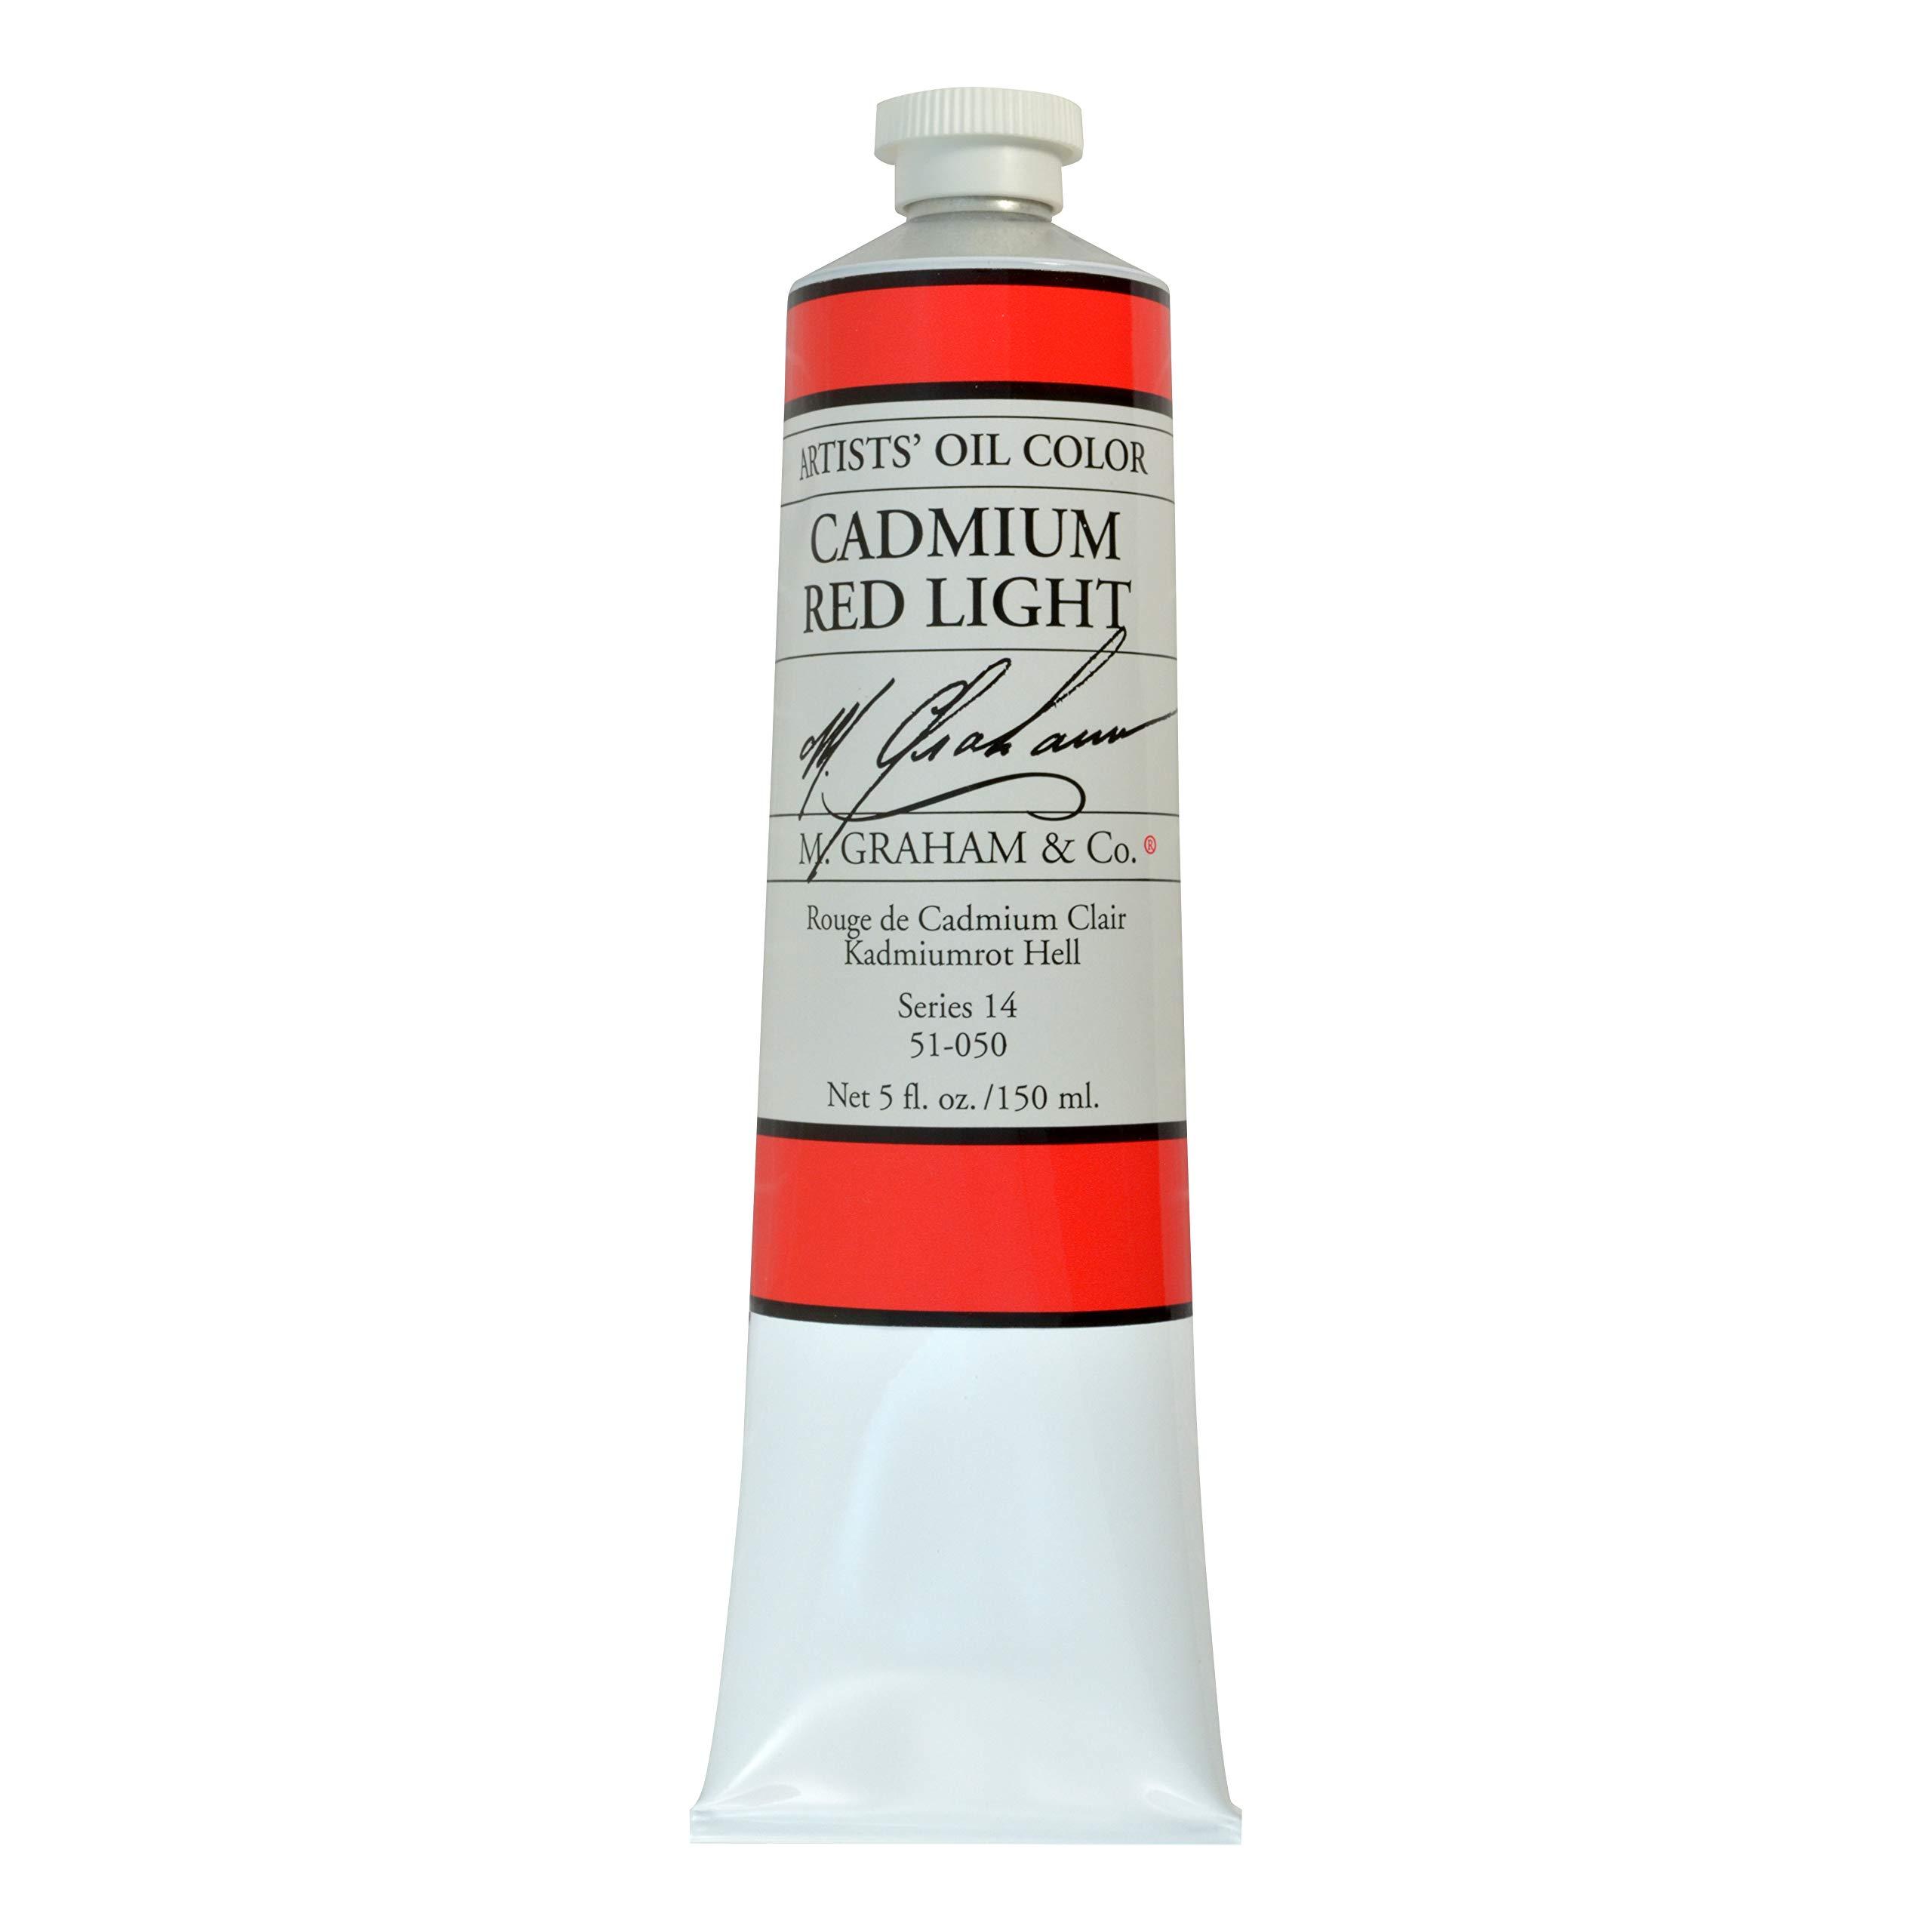 M. Graham Artist Oil Paint Cadmium Red Light 5oz Tube by M. Graham & Co.